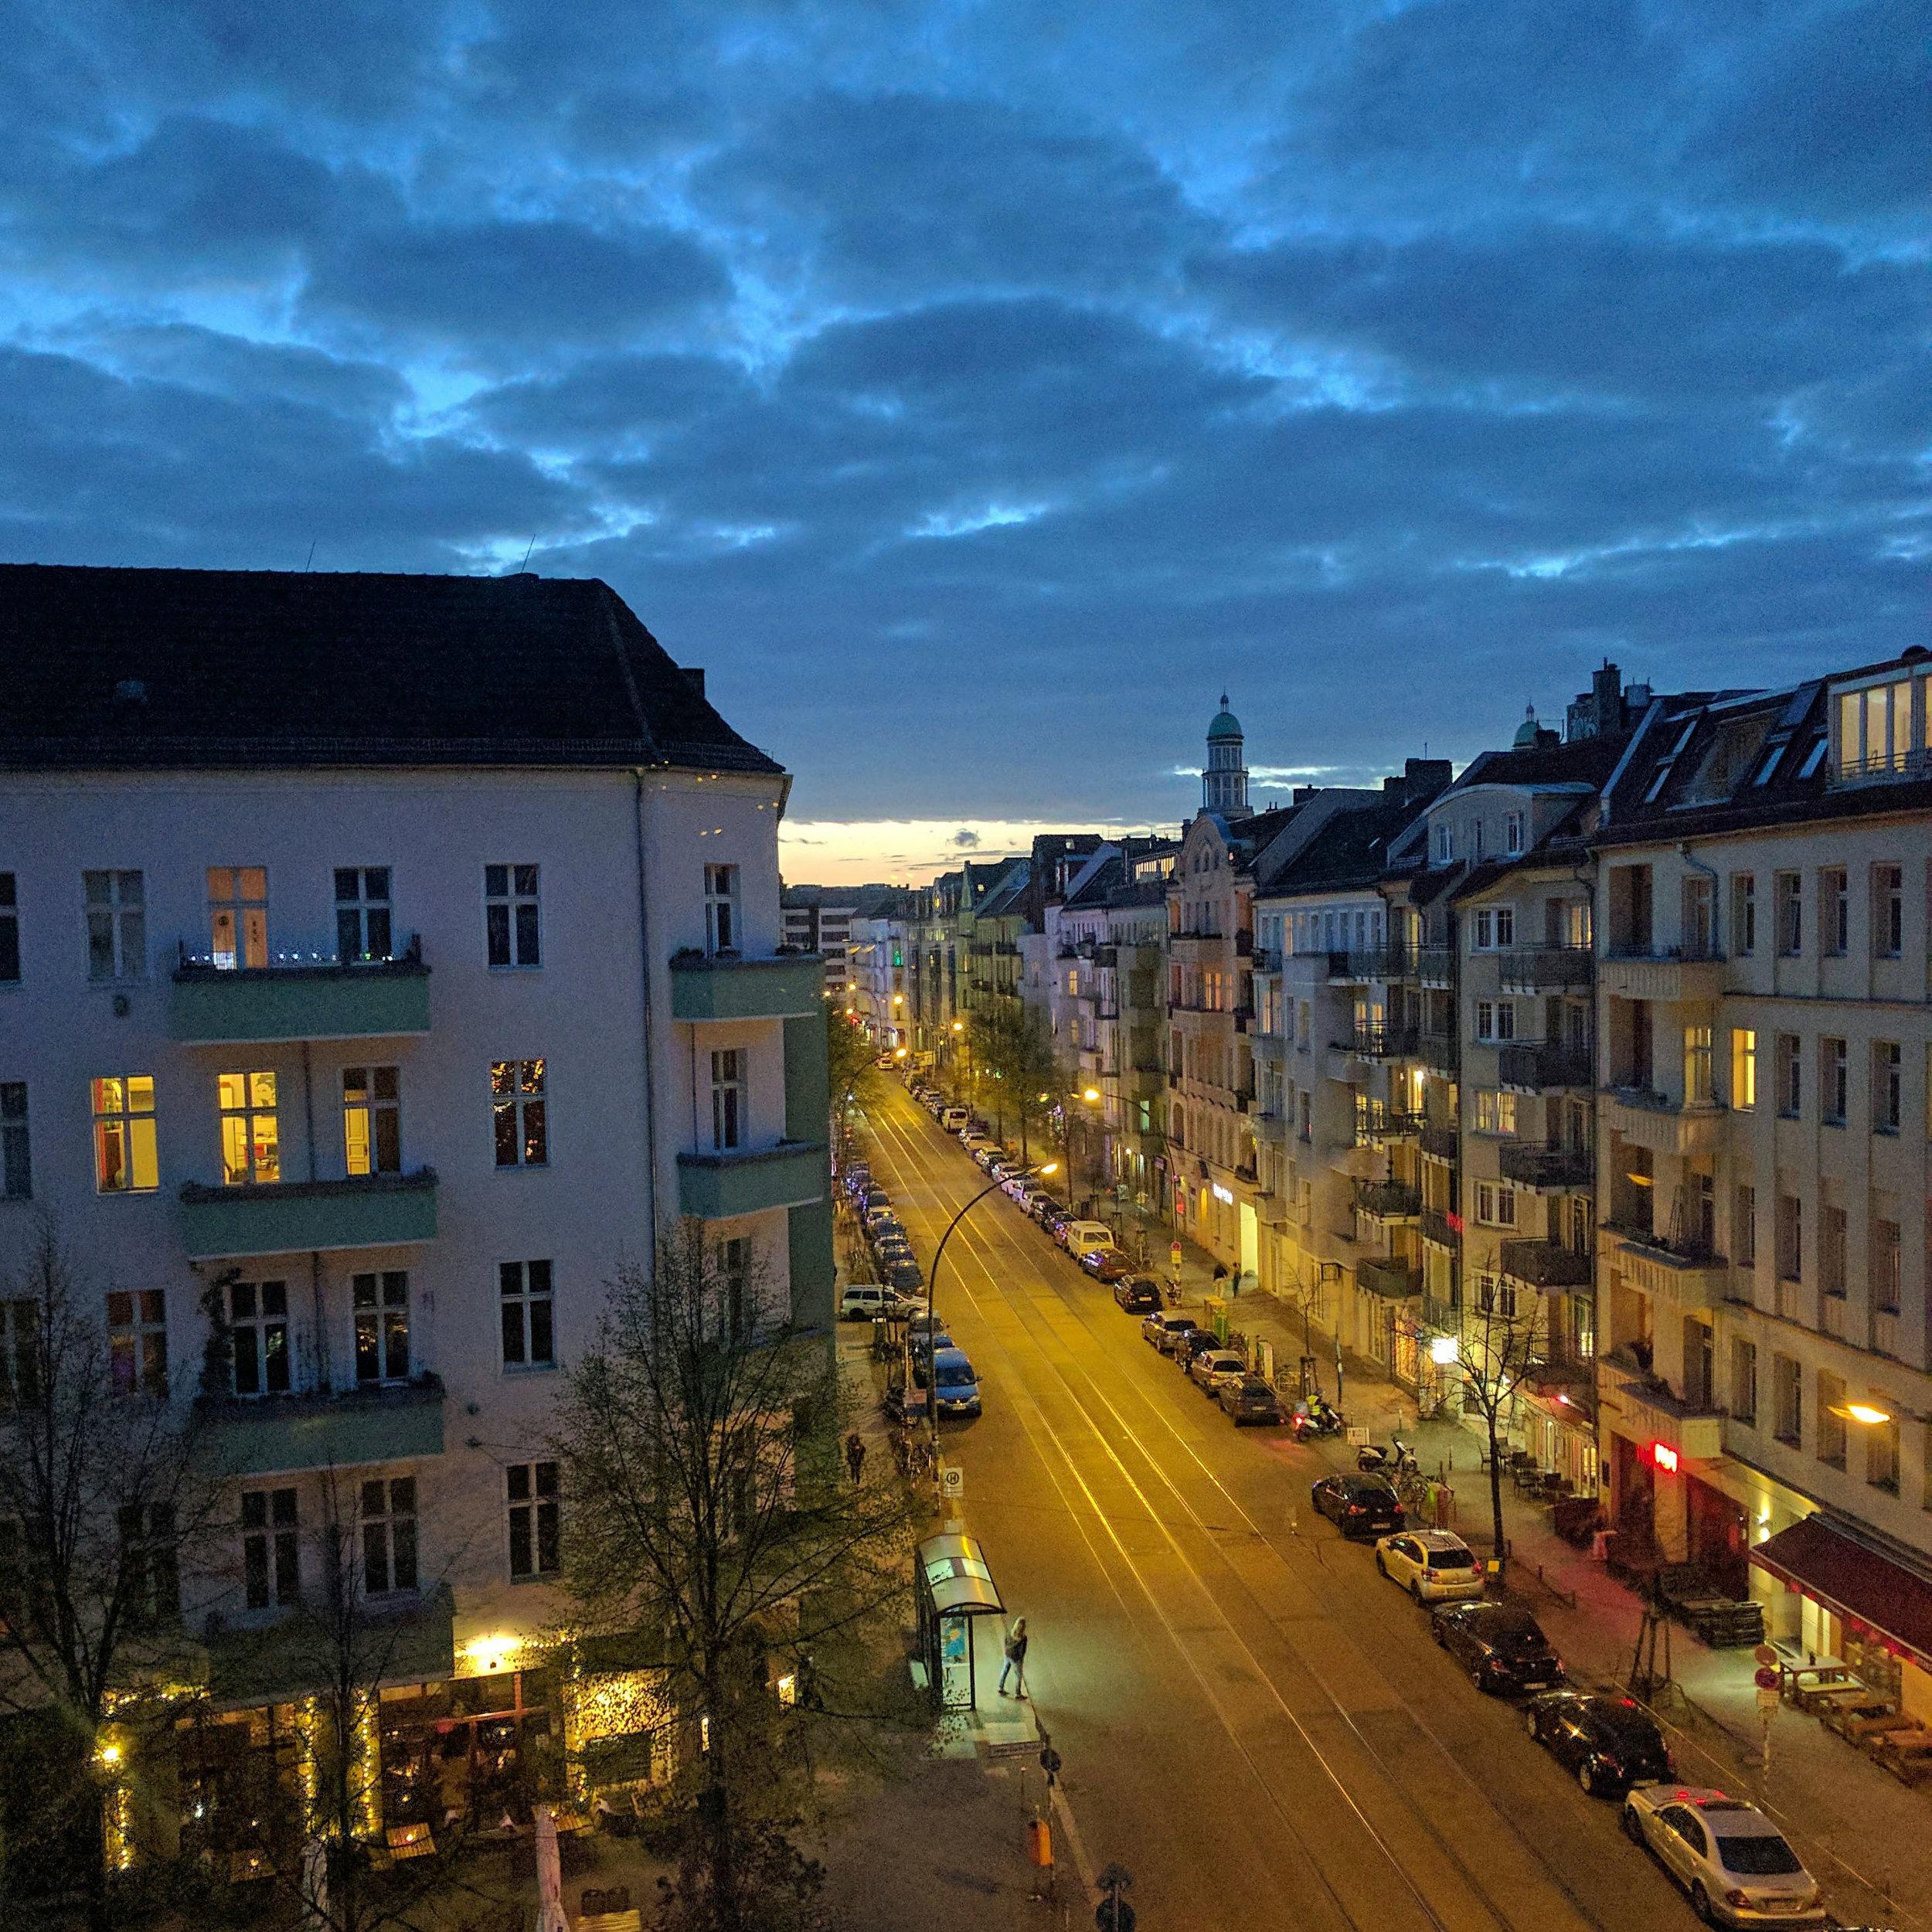 Friedrichshain Berlin Germany streetview in the evening. Winter in Berlin.